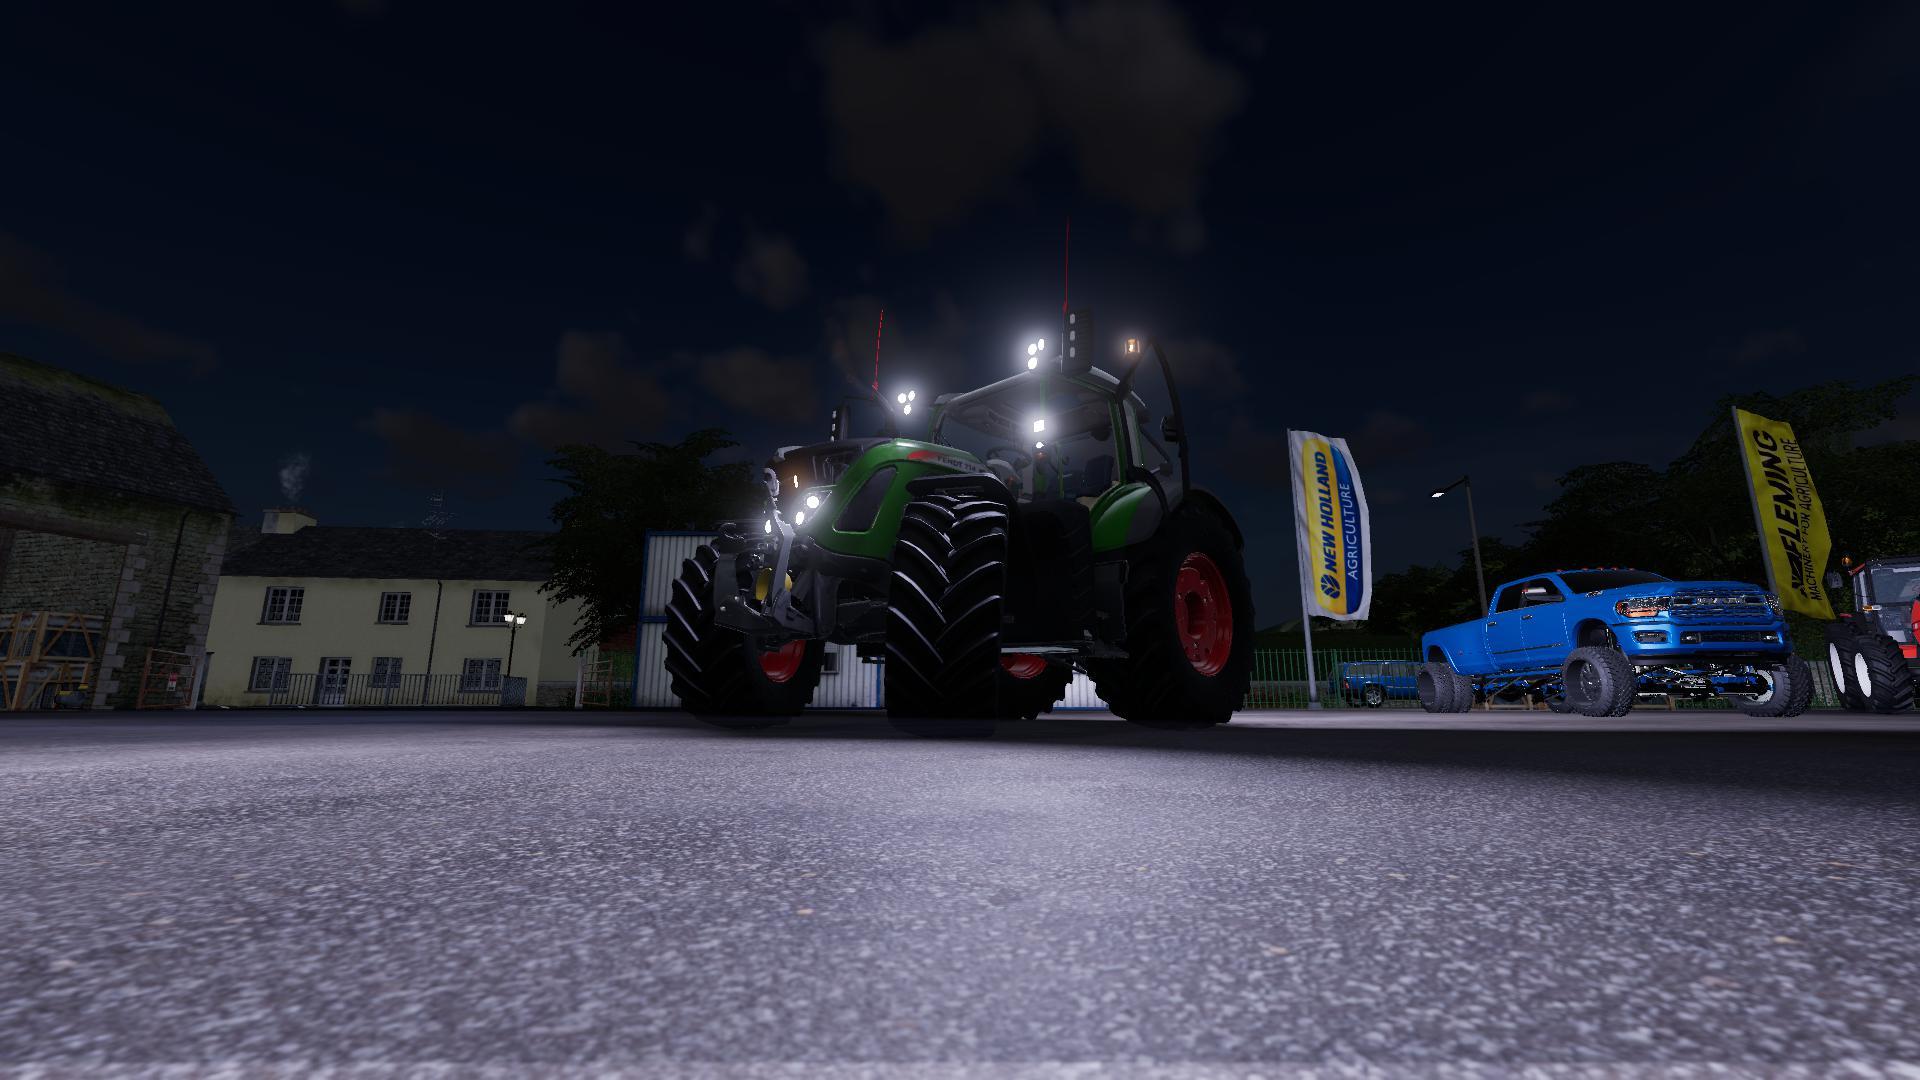 FS19 - Fendt Vario 700 Tractor V1.0.1.0